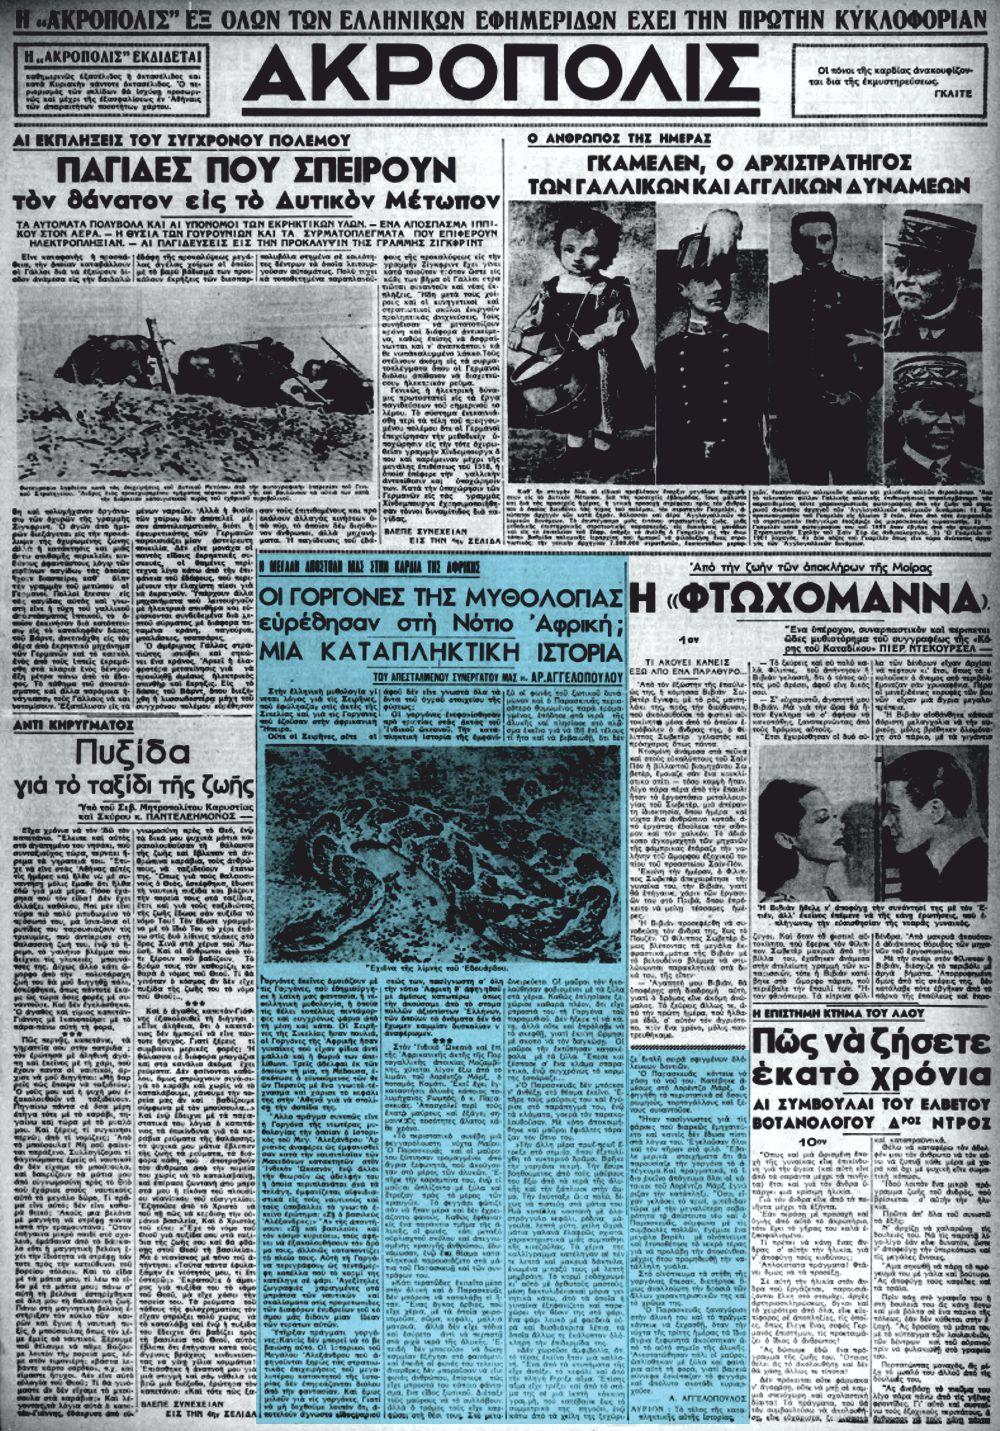 """Το άρθρο, όπως δημοσιεύθηκε στην εφημερίδα """"ΑΚΡΟΠΟΛΙΣ"""", στις 08/10/1939"""